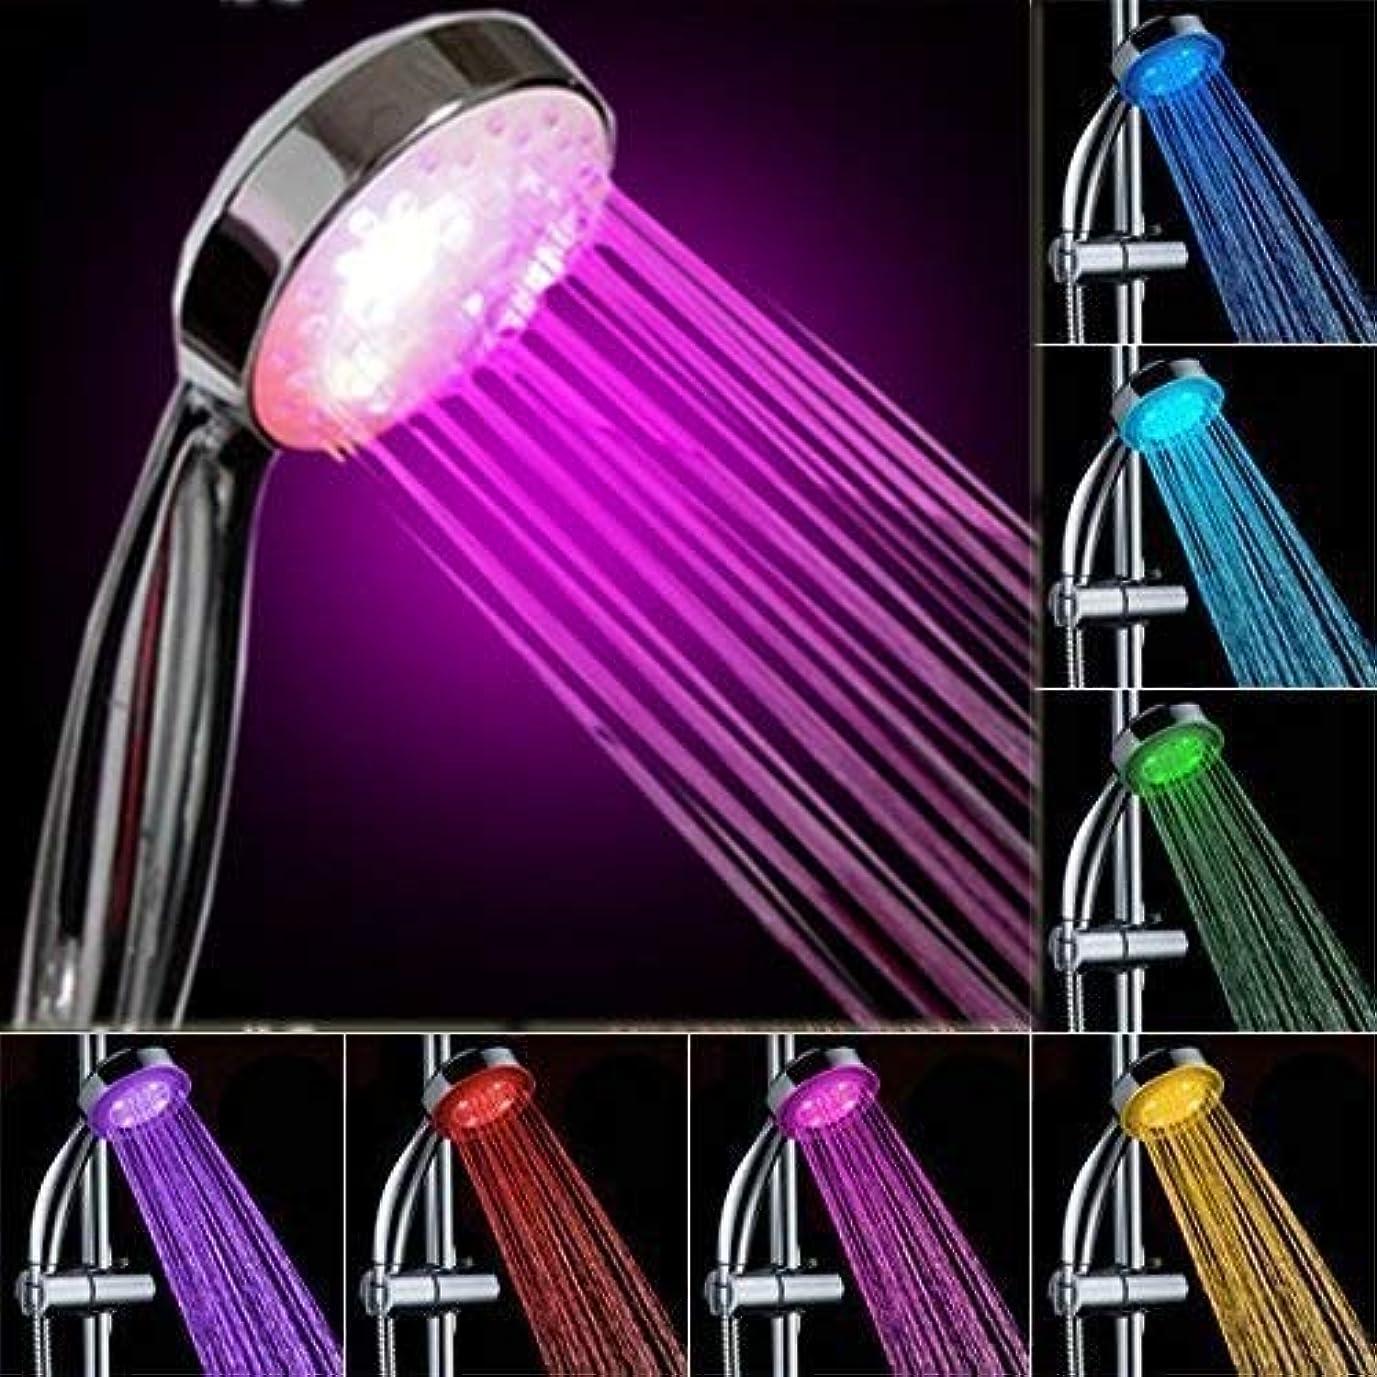 オペレーター密輸可愛いLEDライトシャワー、カラフルなグラデーションシャワー、ユニバーサルライトシャワー、色変更ギフト